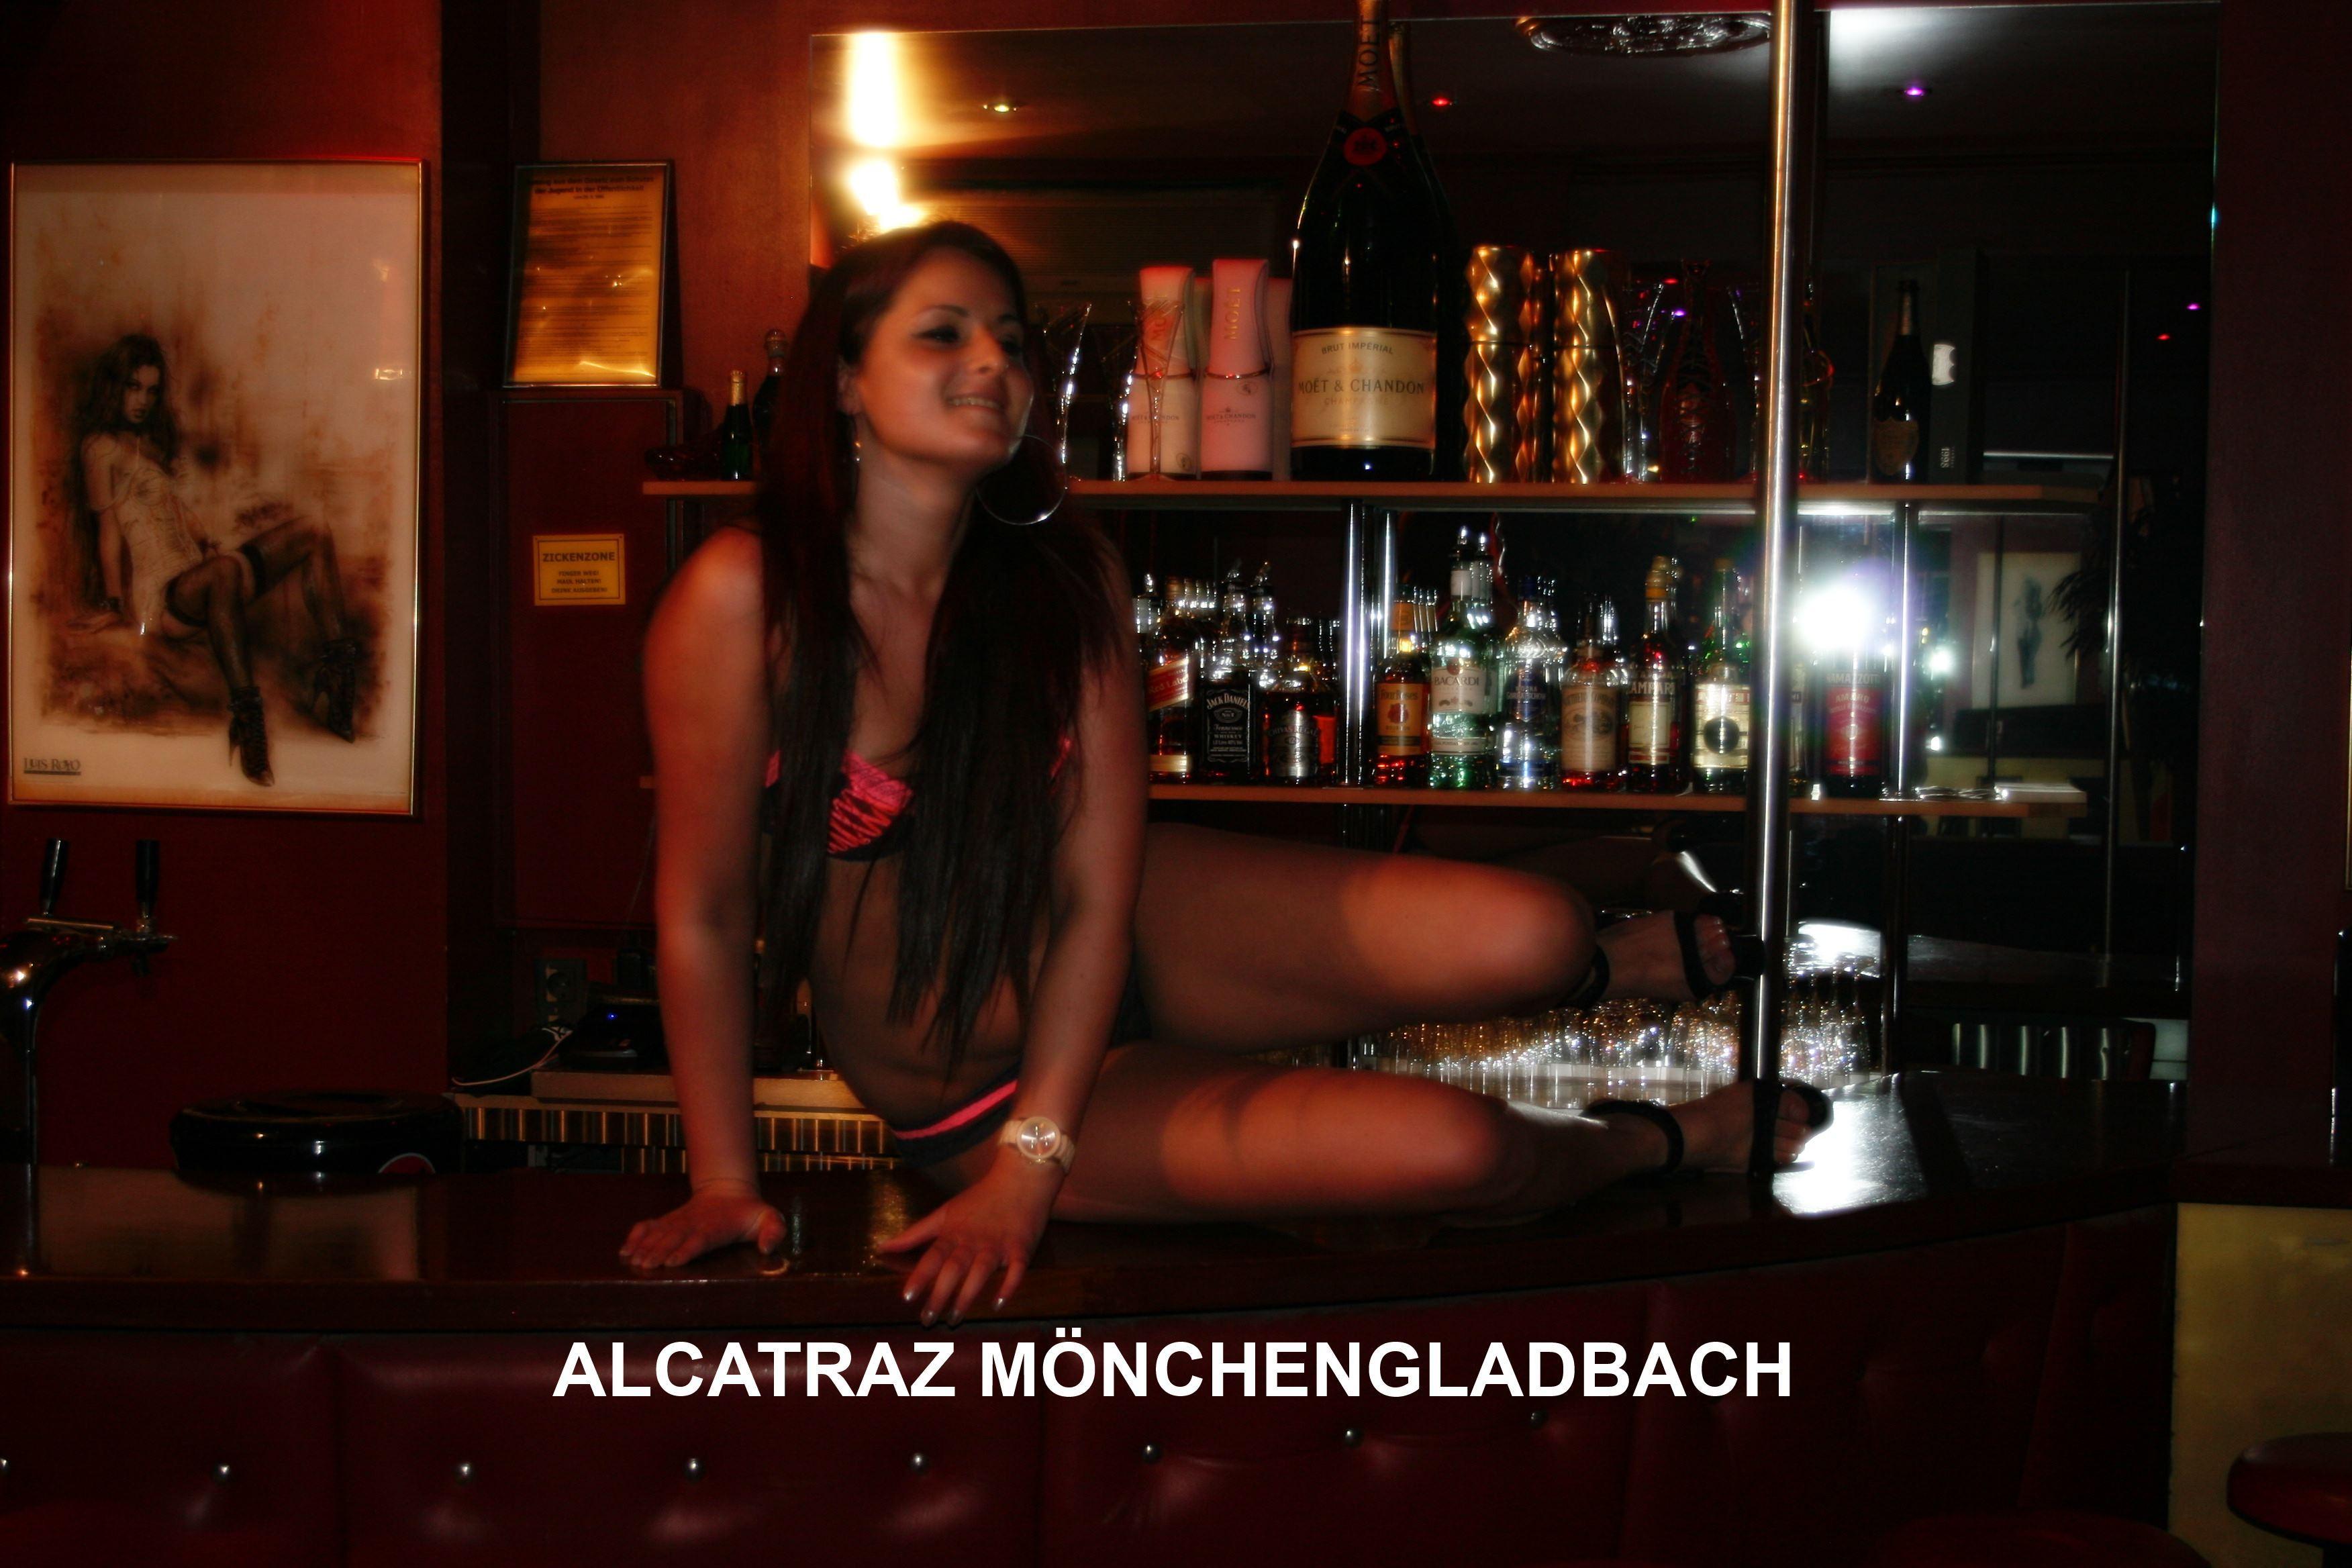 sexspielzeug bauen bars in oberhausen